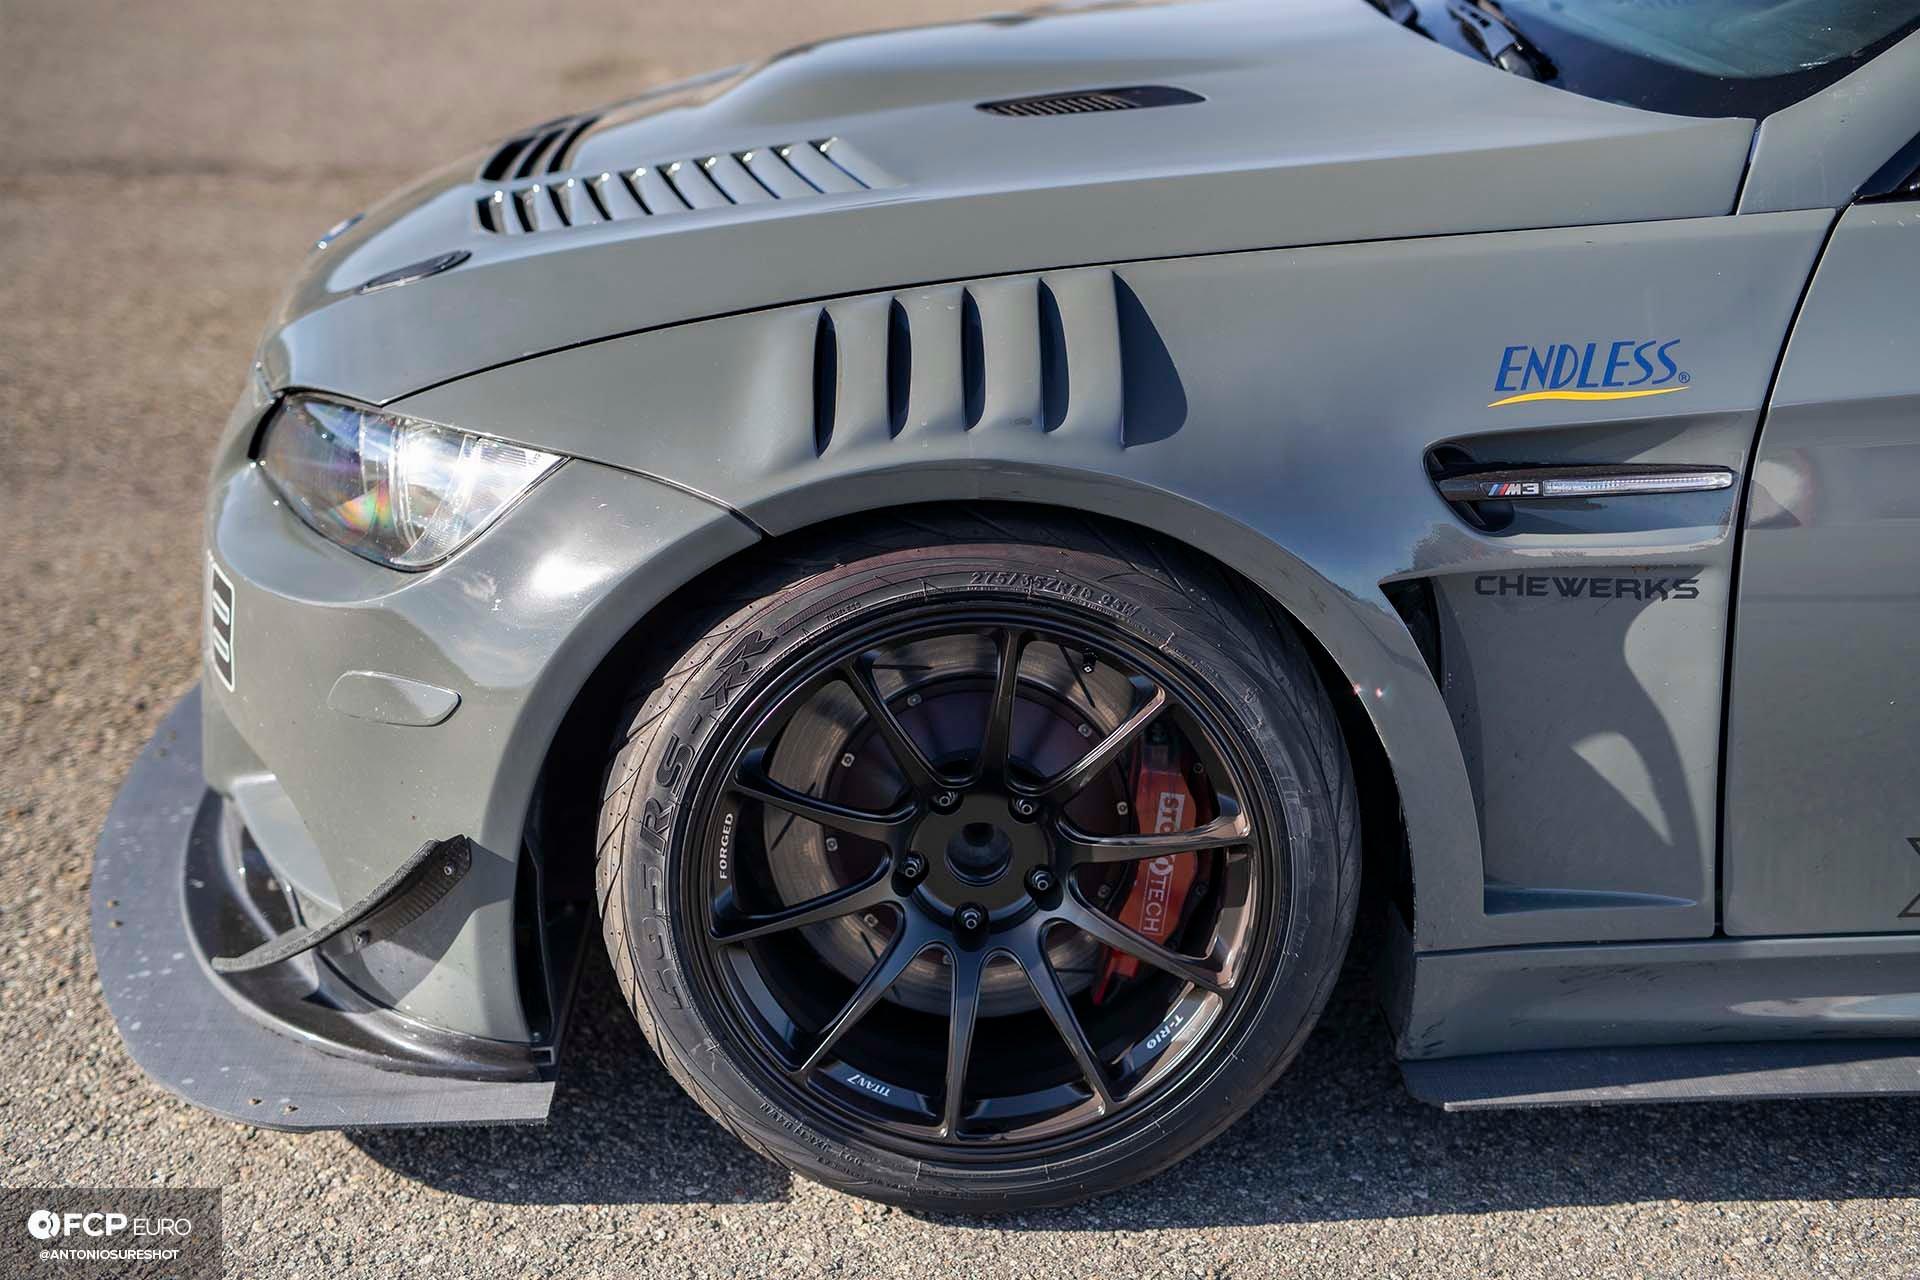 Bimmer Challenge BMW E92 M3 Front Splitter FCP Euro